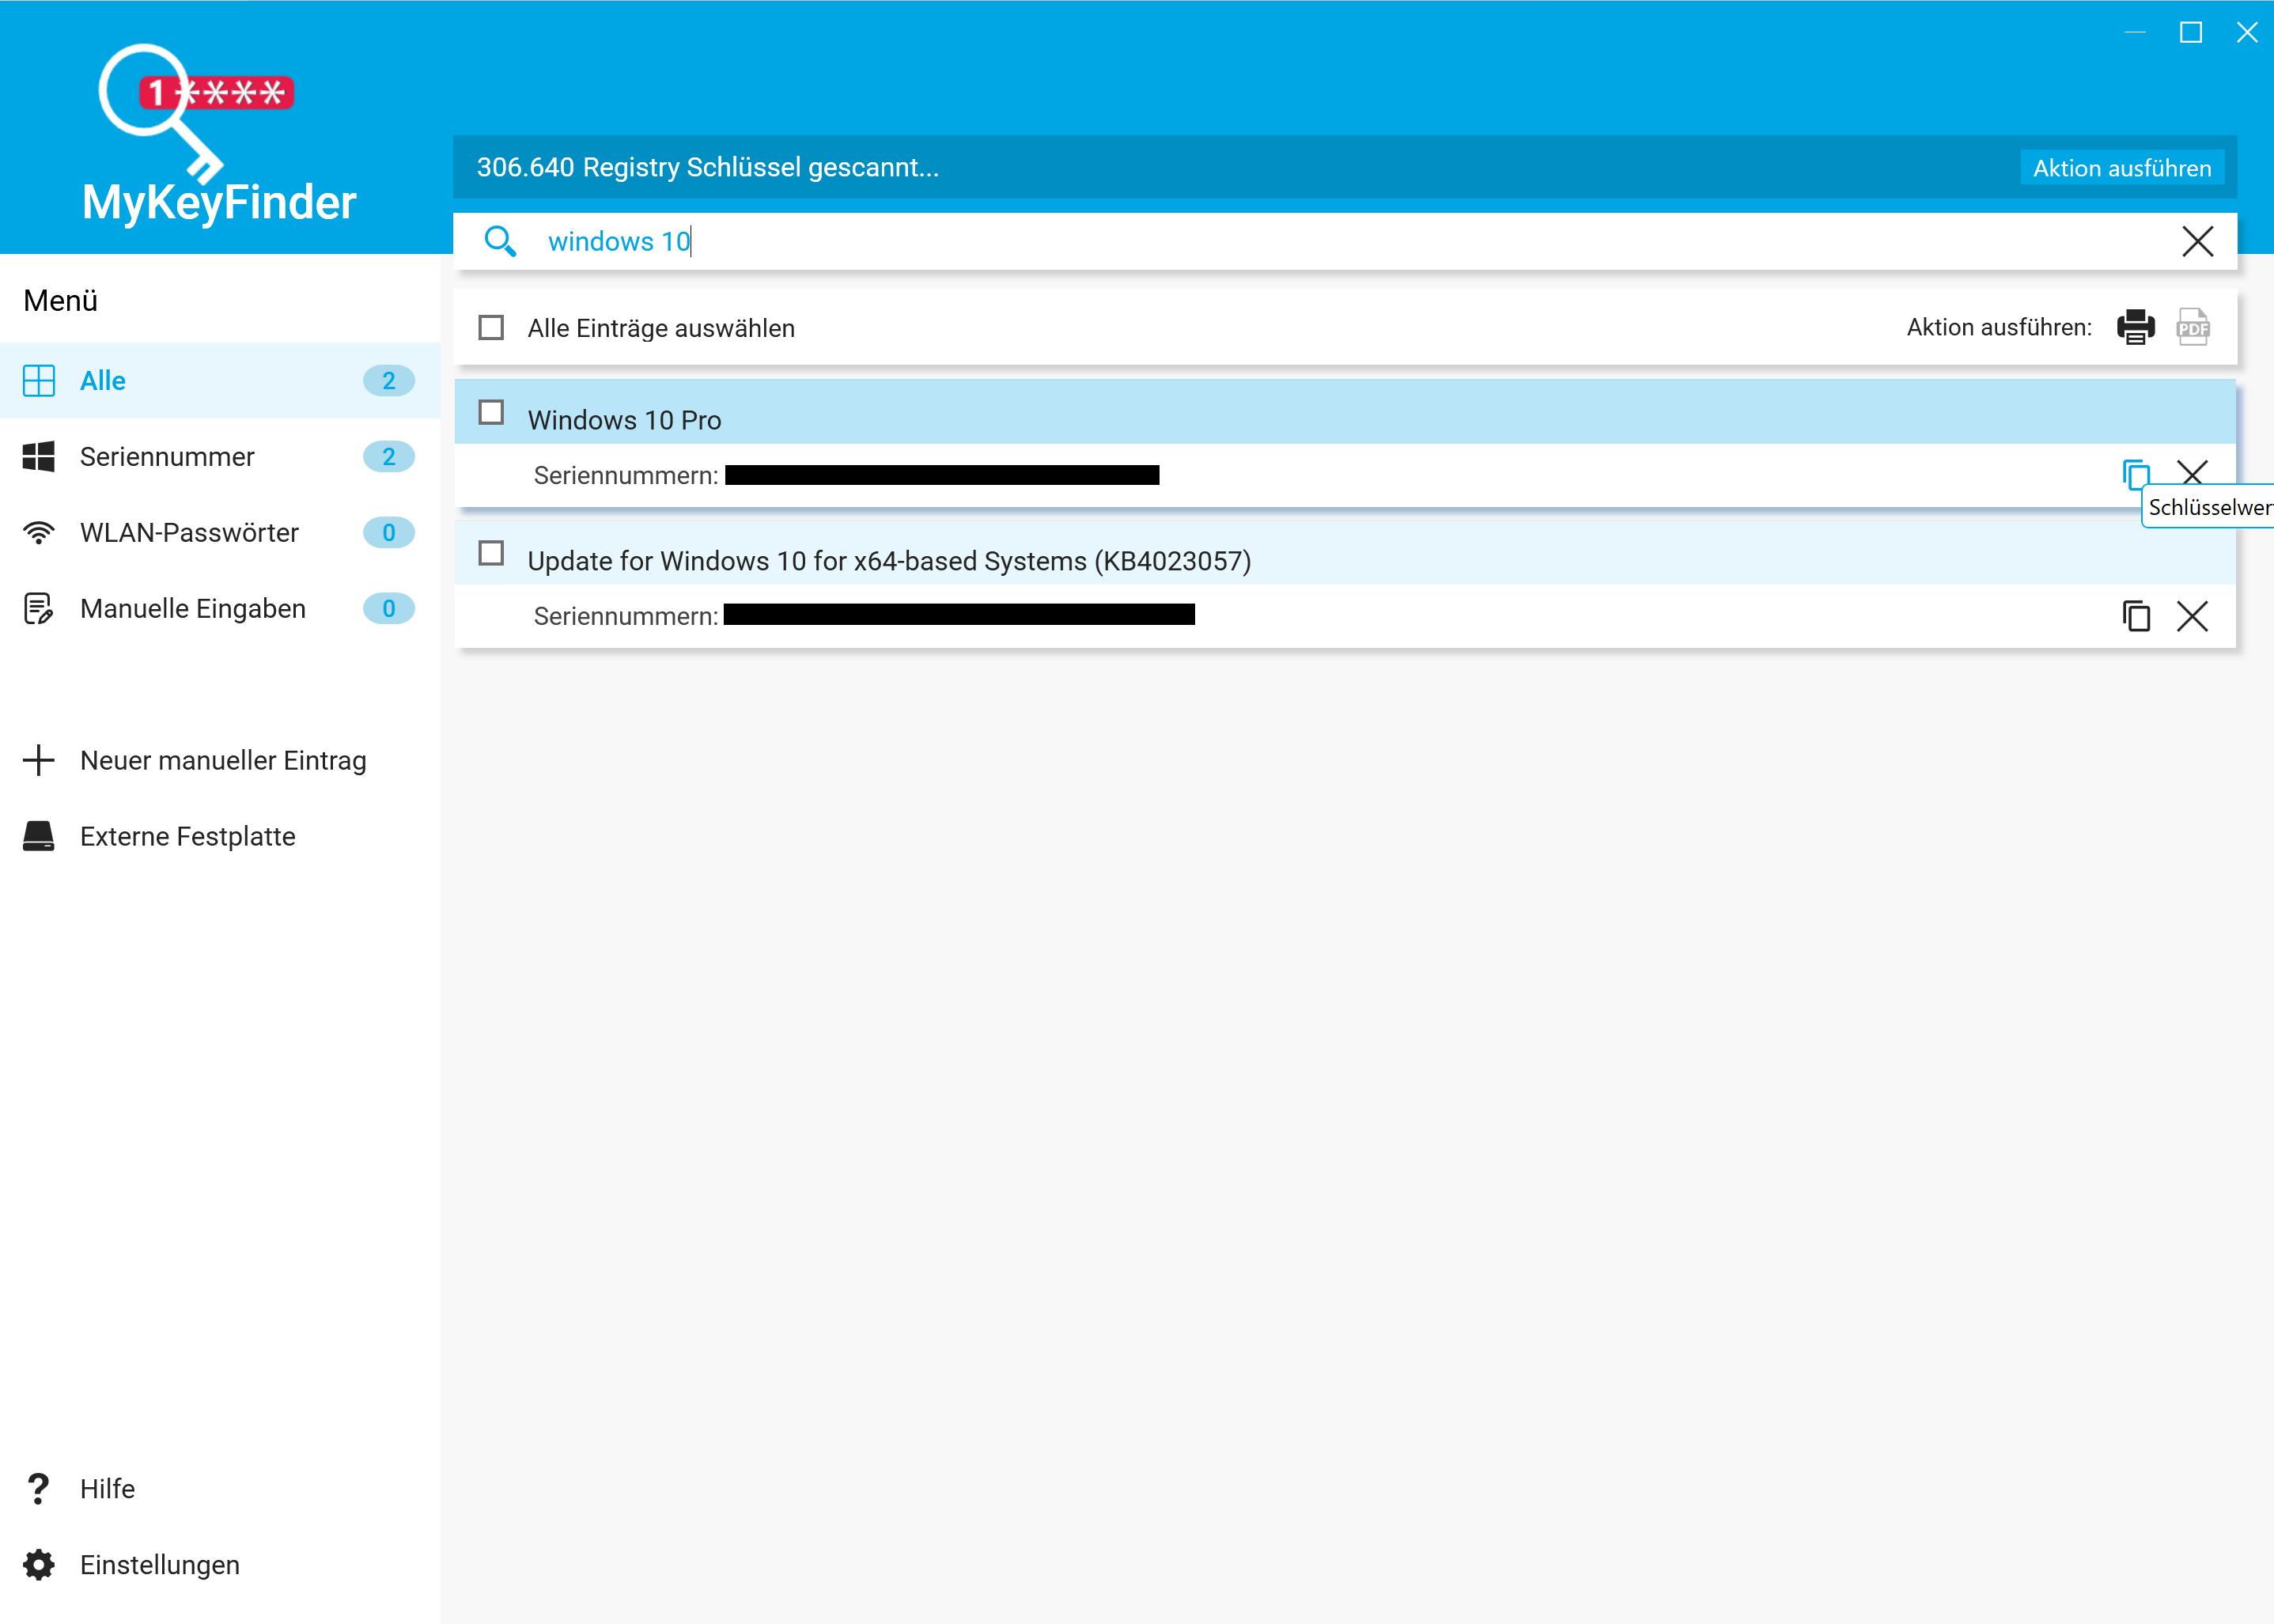 Windows 10 Key herausfinden und auslesen - Lizenzschlüssel kopieren